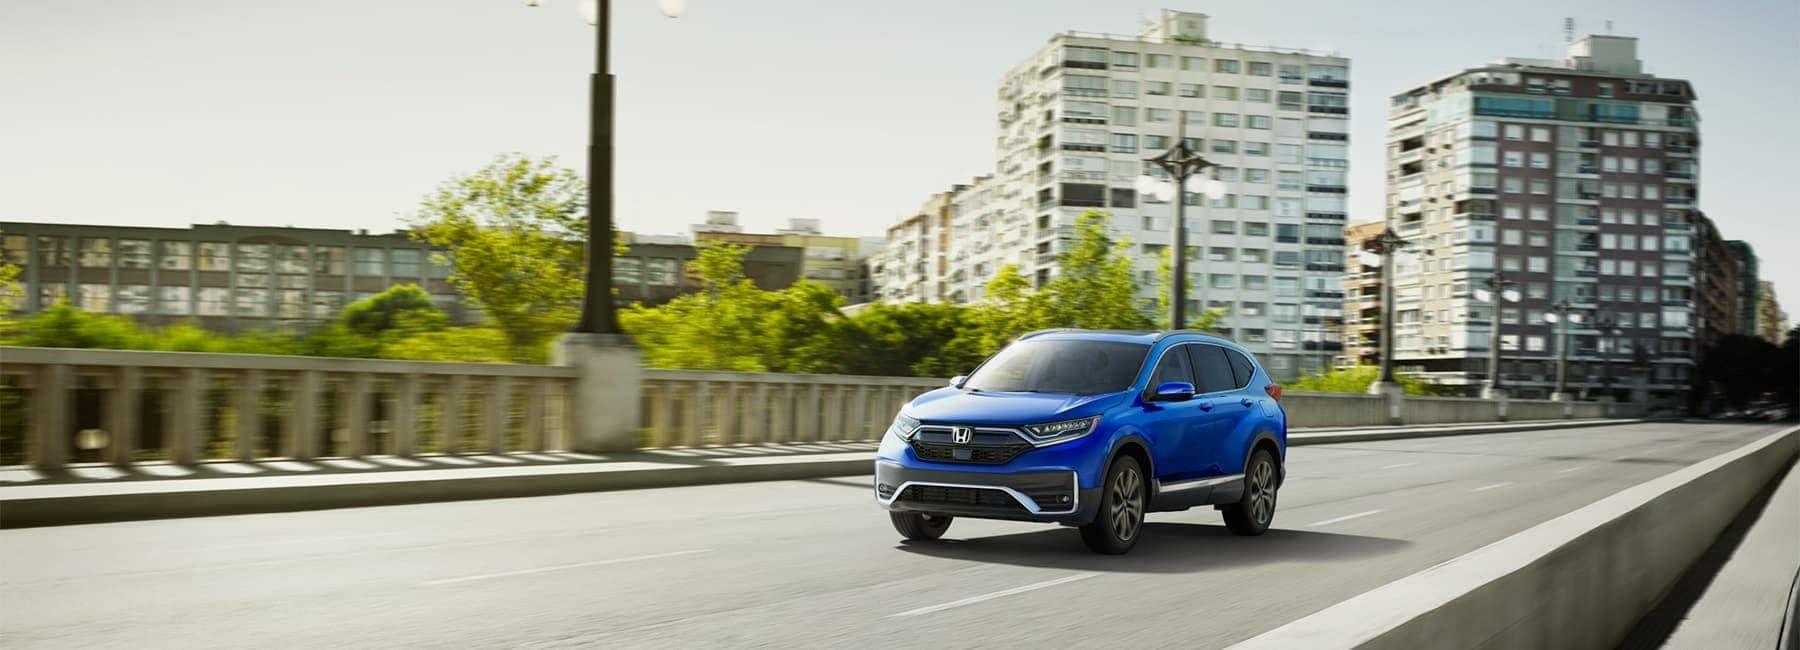 2020 Honda CR-V driving over a bridge